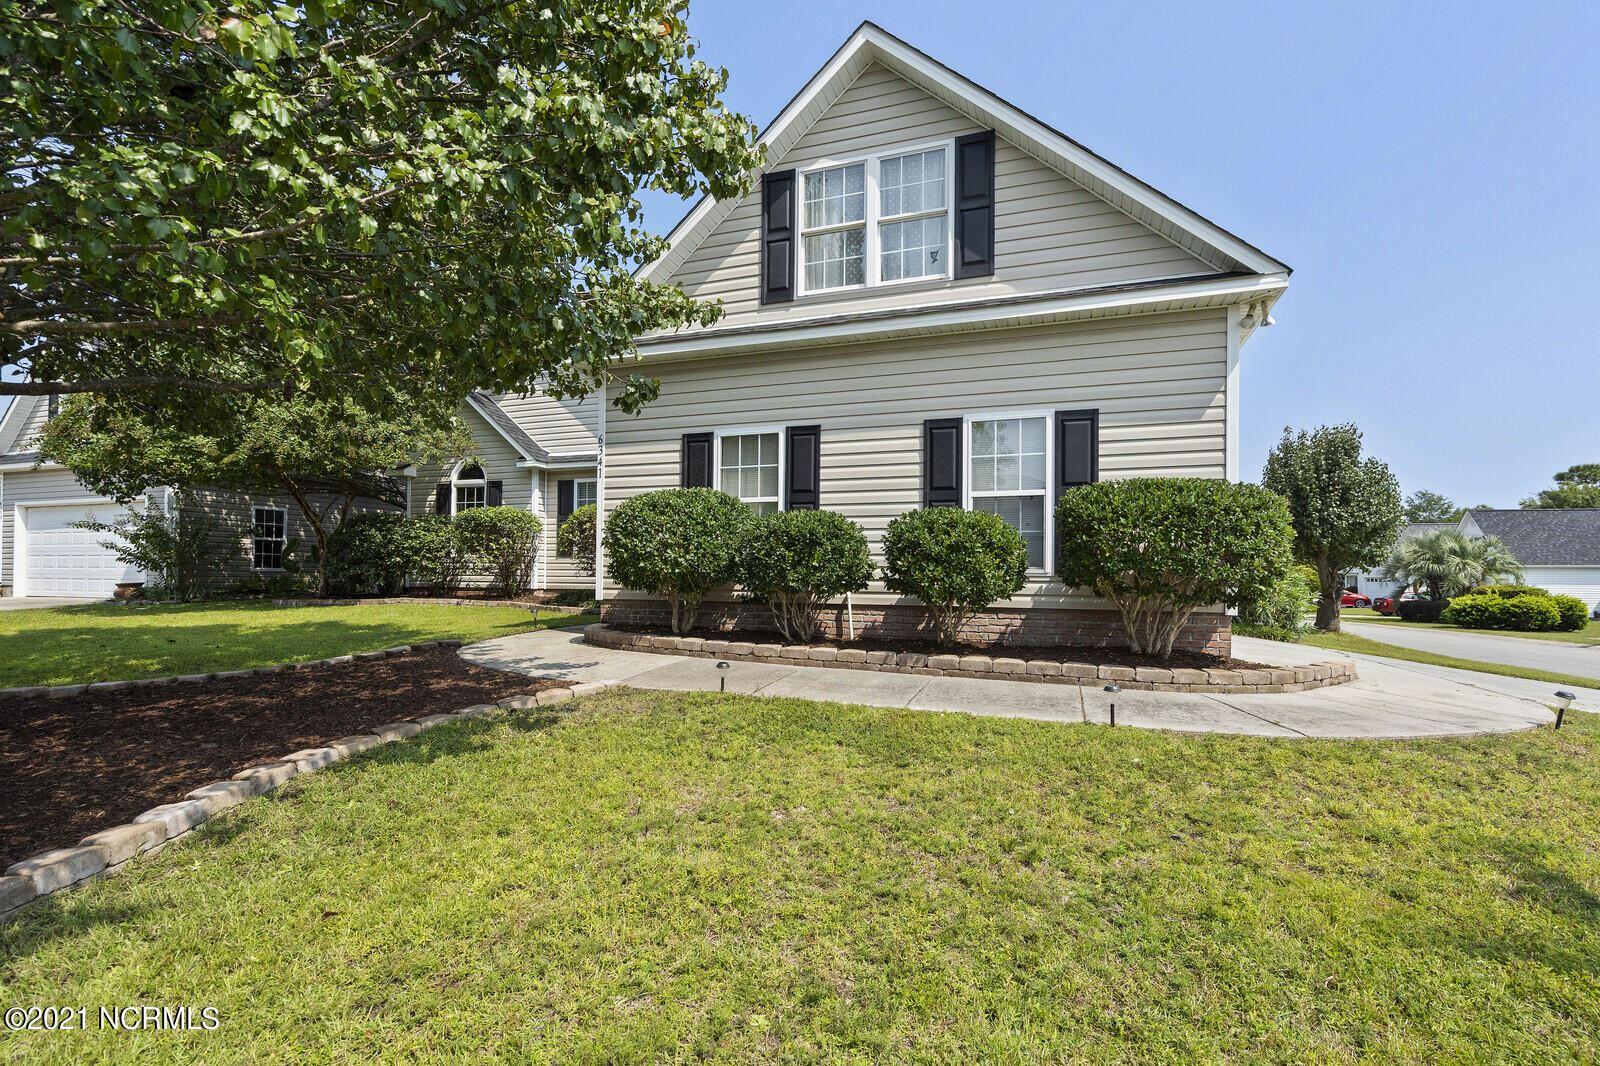 Photo of 6341 Stapleton Road, Wilmington, NC 28412 (MLS # 100291085)